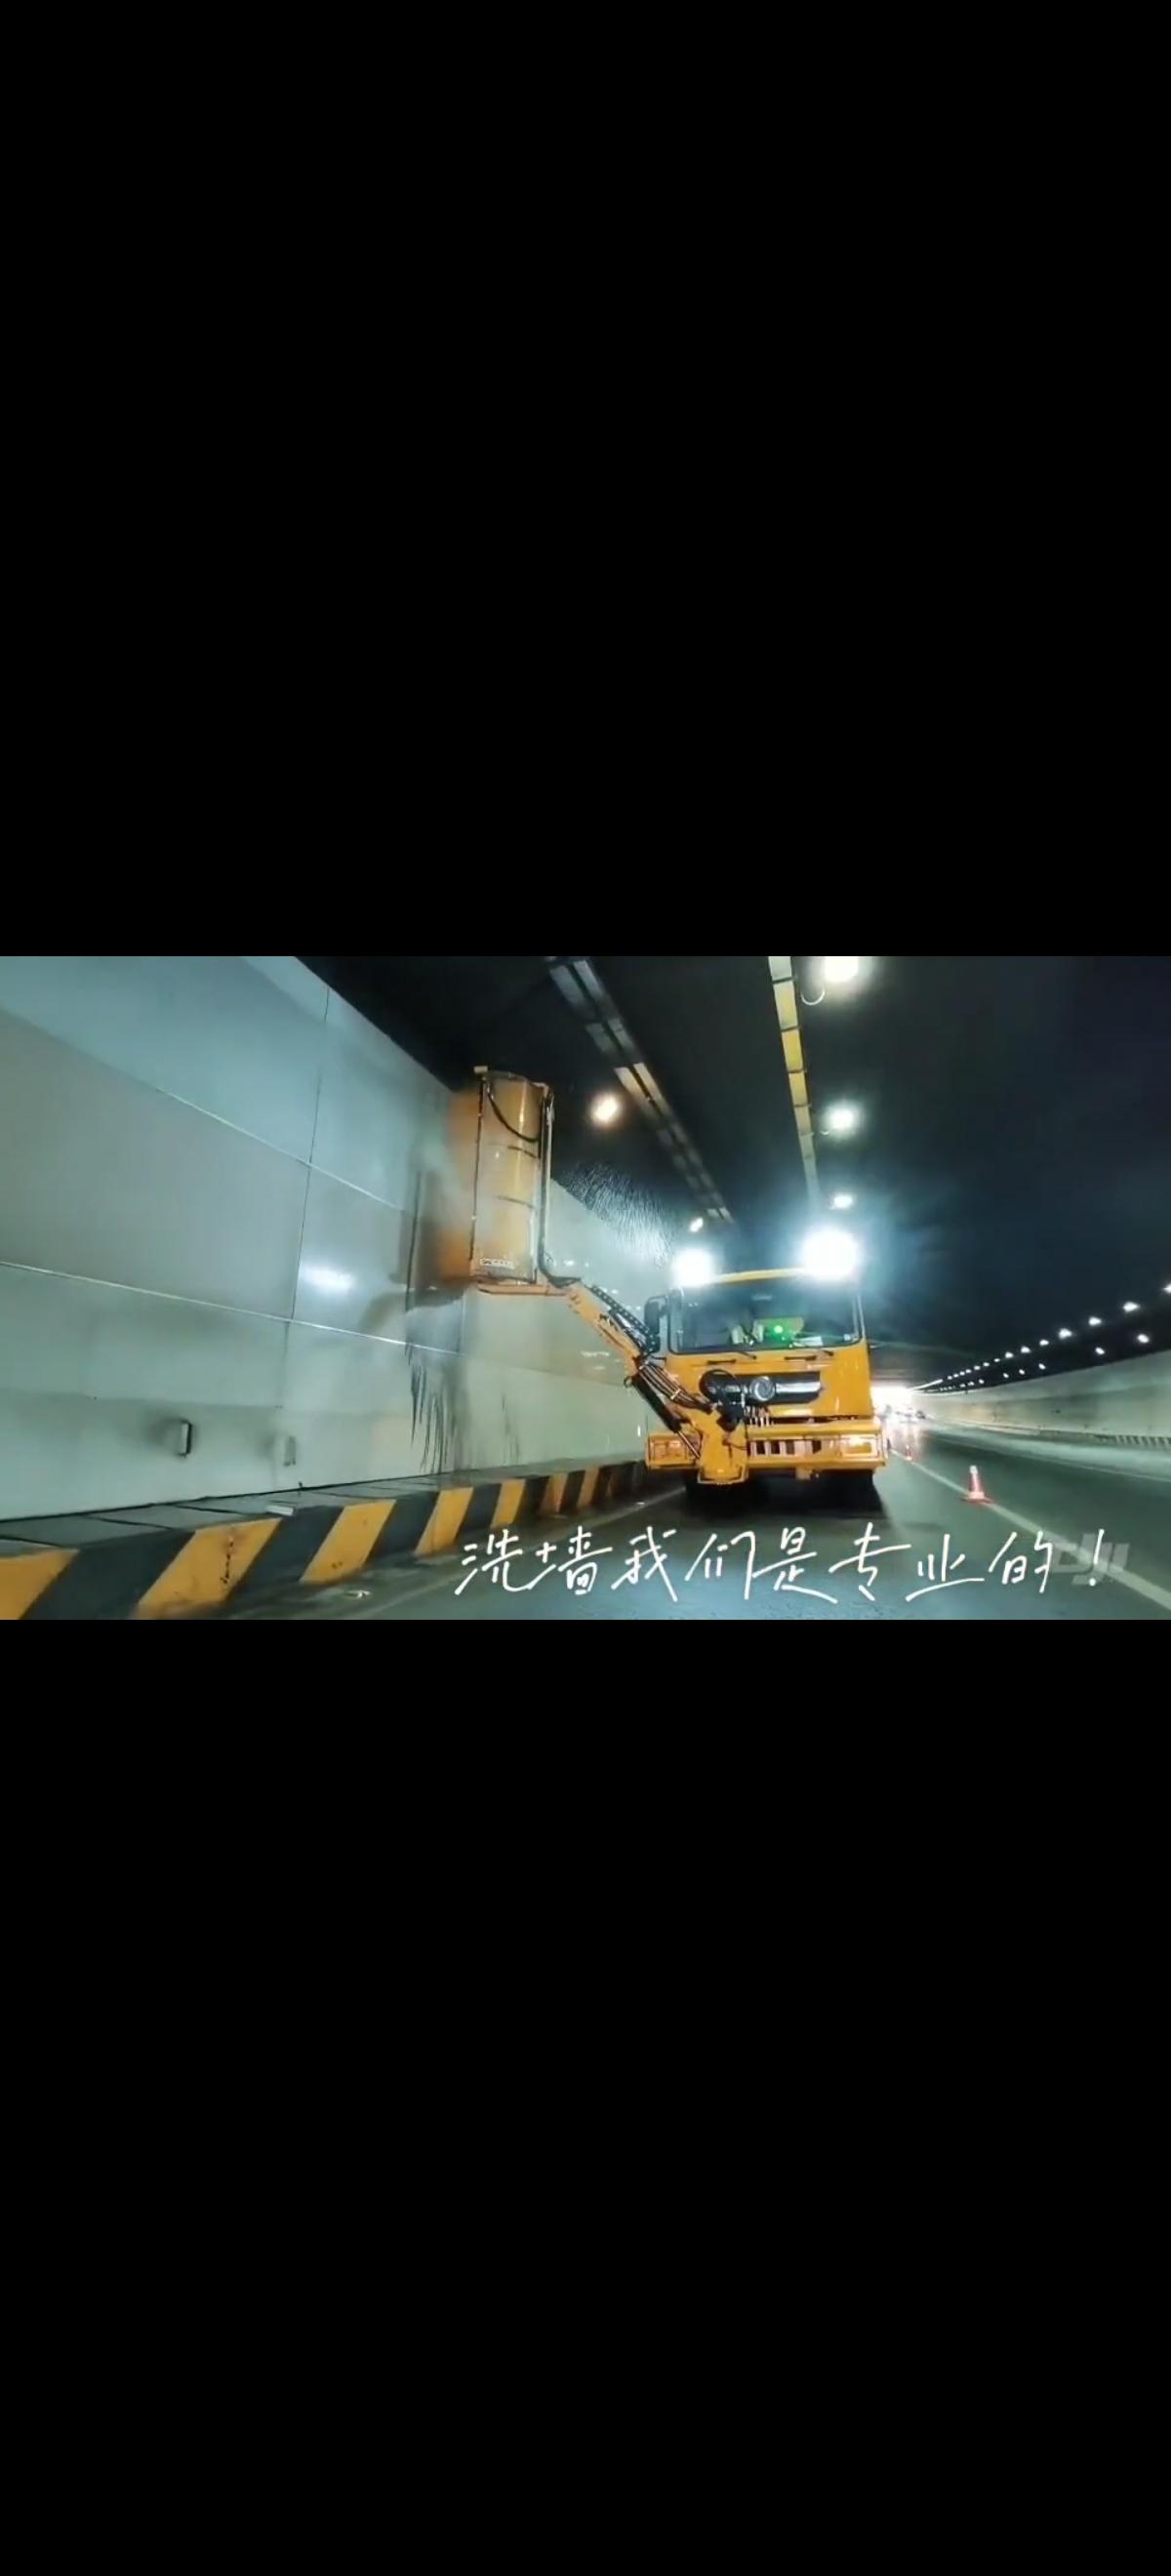 墙面隔音屏隧道清洗视频